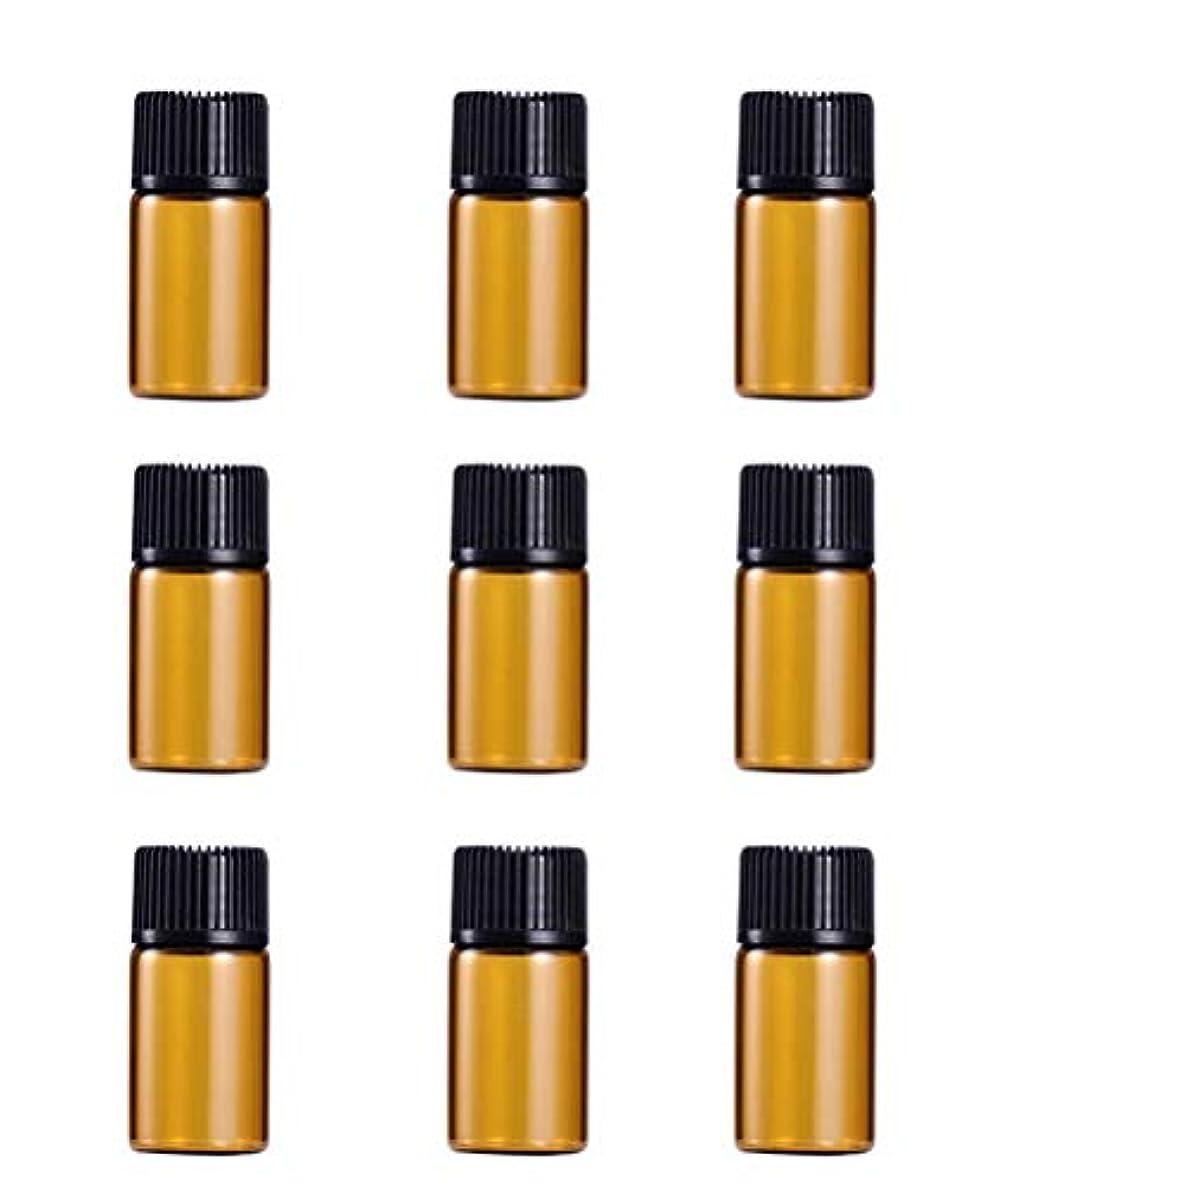 シャツちっちゃい勢いWINOMO 遮光瓶 アロマオイル 精油 小分け用 遮光瓶セット アロマボトル 保存容器 エッセンシャルオイル 香水 保存用 詰替え ガラス 茶色(9個入り 3ml)